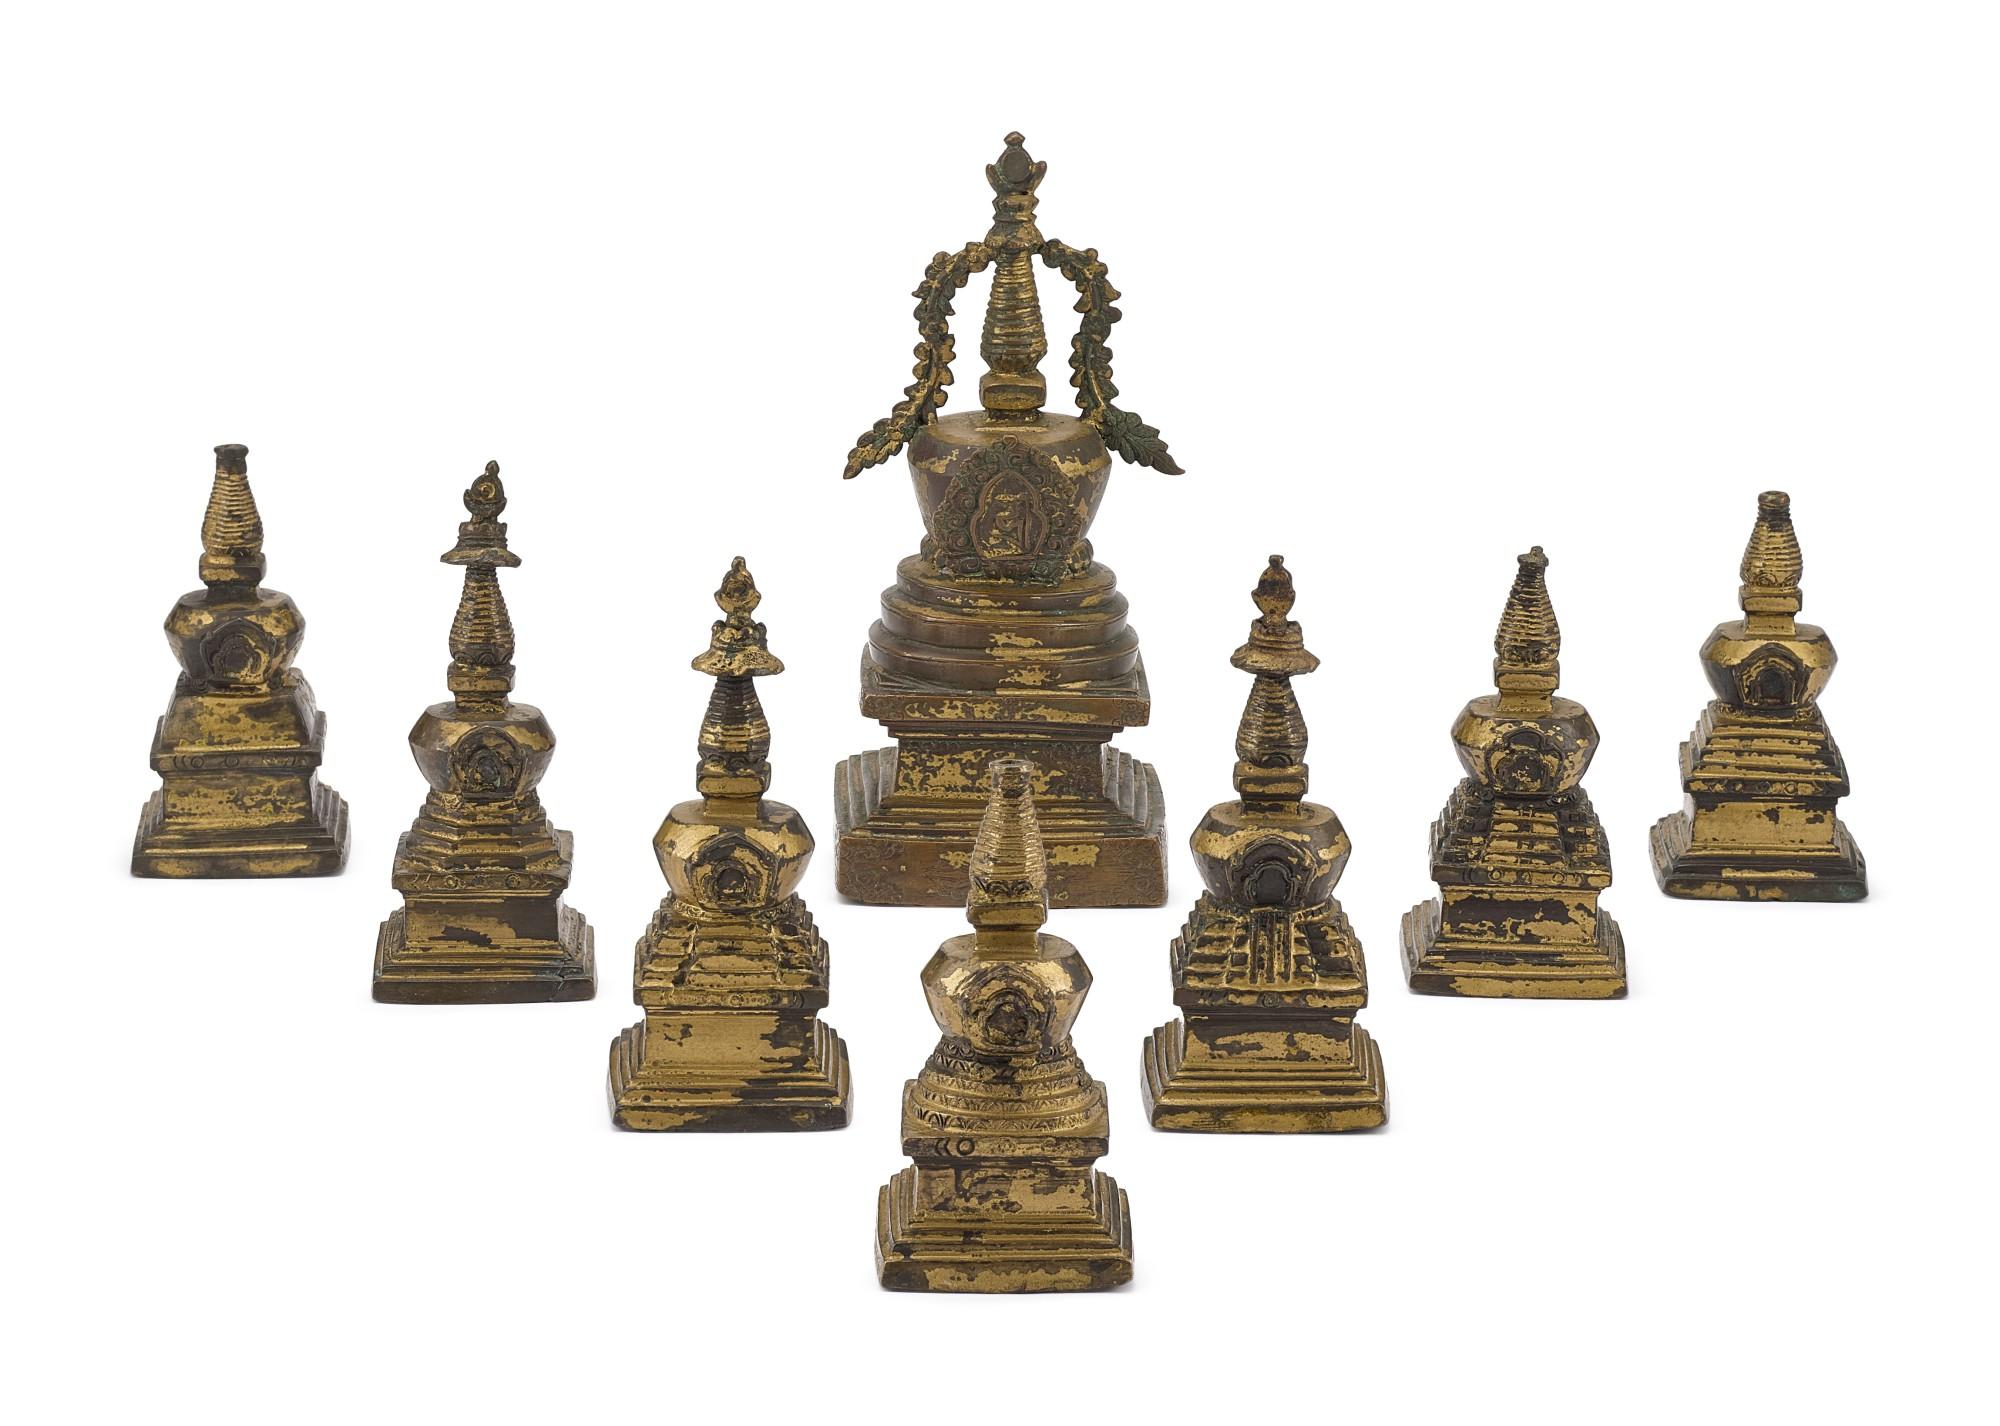 A GROUP OF EIGHT BRONZE STUPAS, TIBET, 18TH – 19TH CENTURY   十八至十九世紀 藏傳銅佛塔一組八座